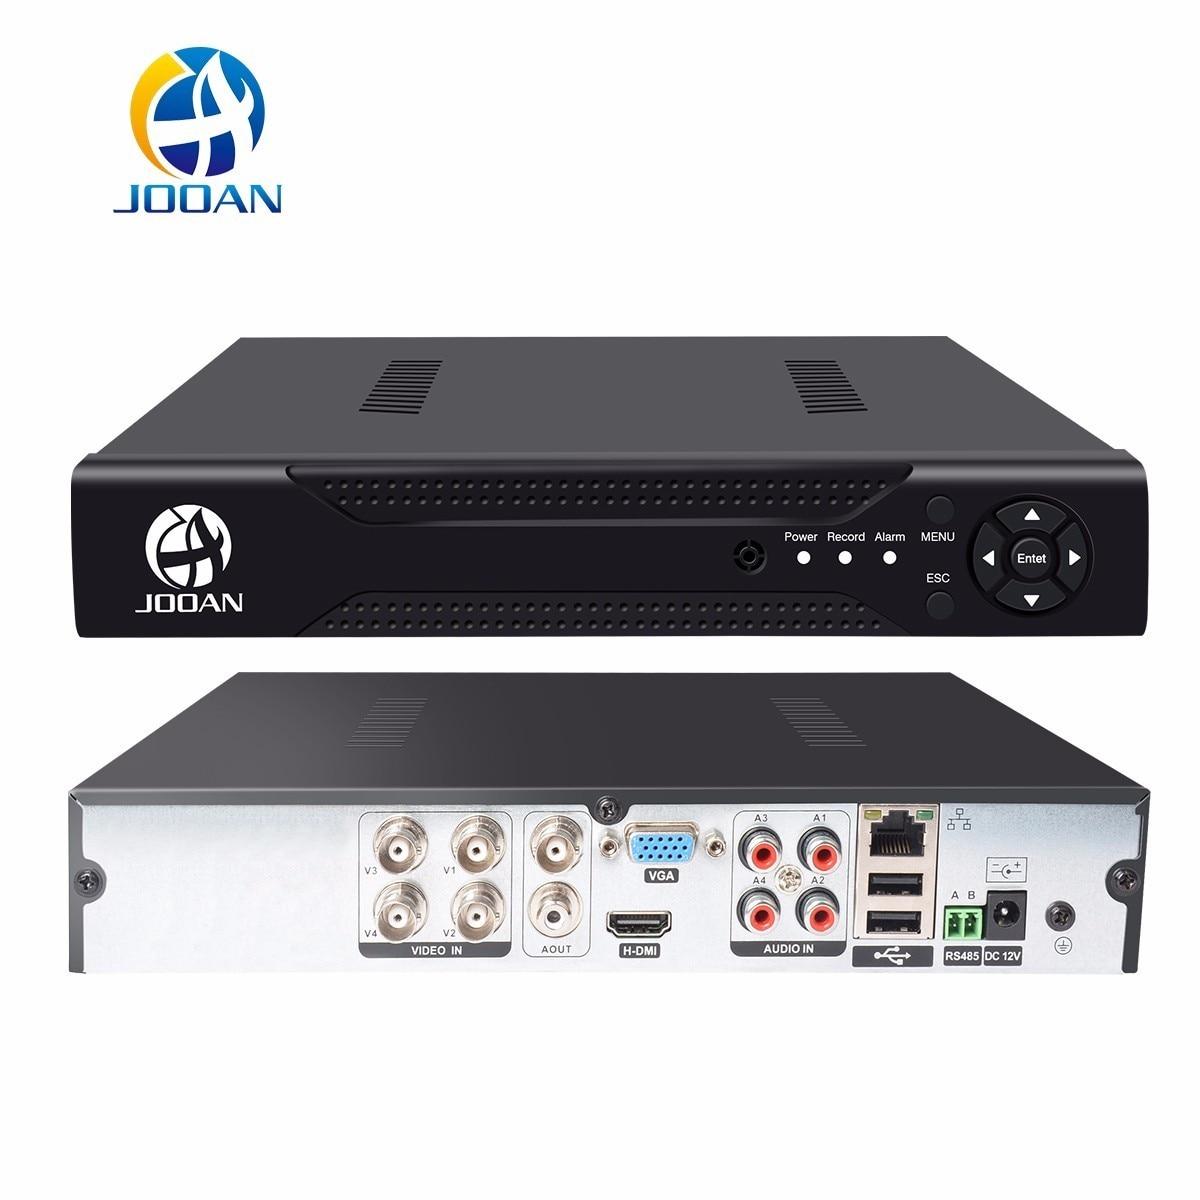 JOOAN 4CH 8CH 16CH CCTV DVR Système de Sécurité 1080N H.264 HD-Sortie P2P Hybride 5 dans 1 Onvif IP caméra CVI TVI AHD Vidéo Enregistreur